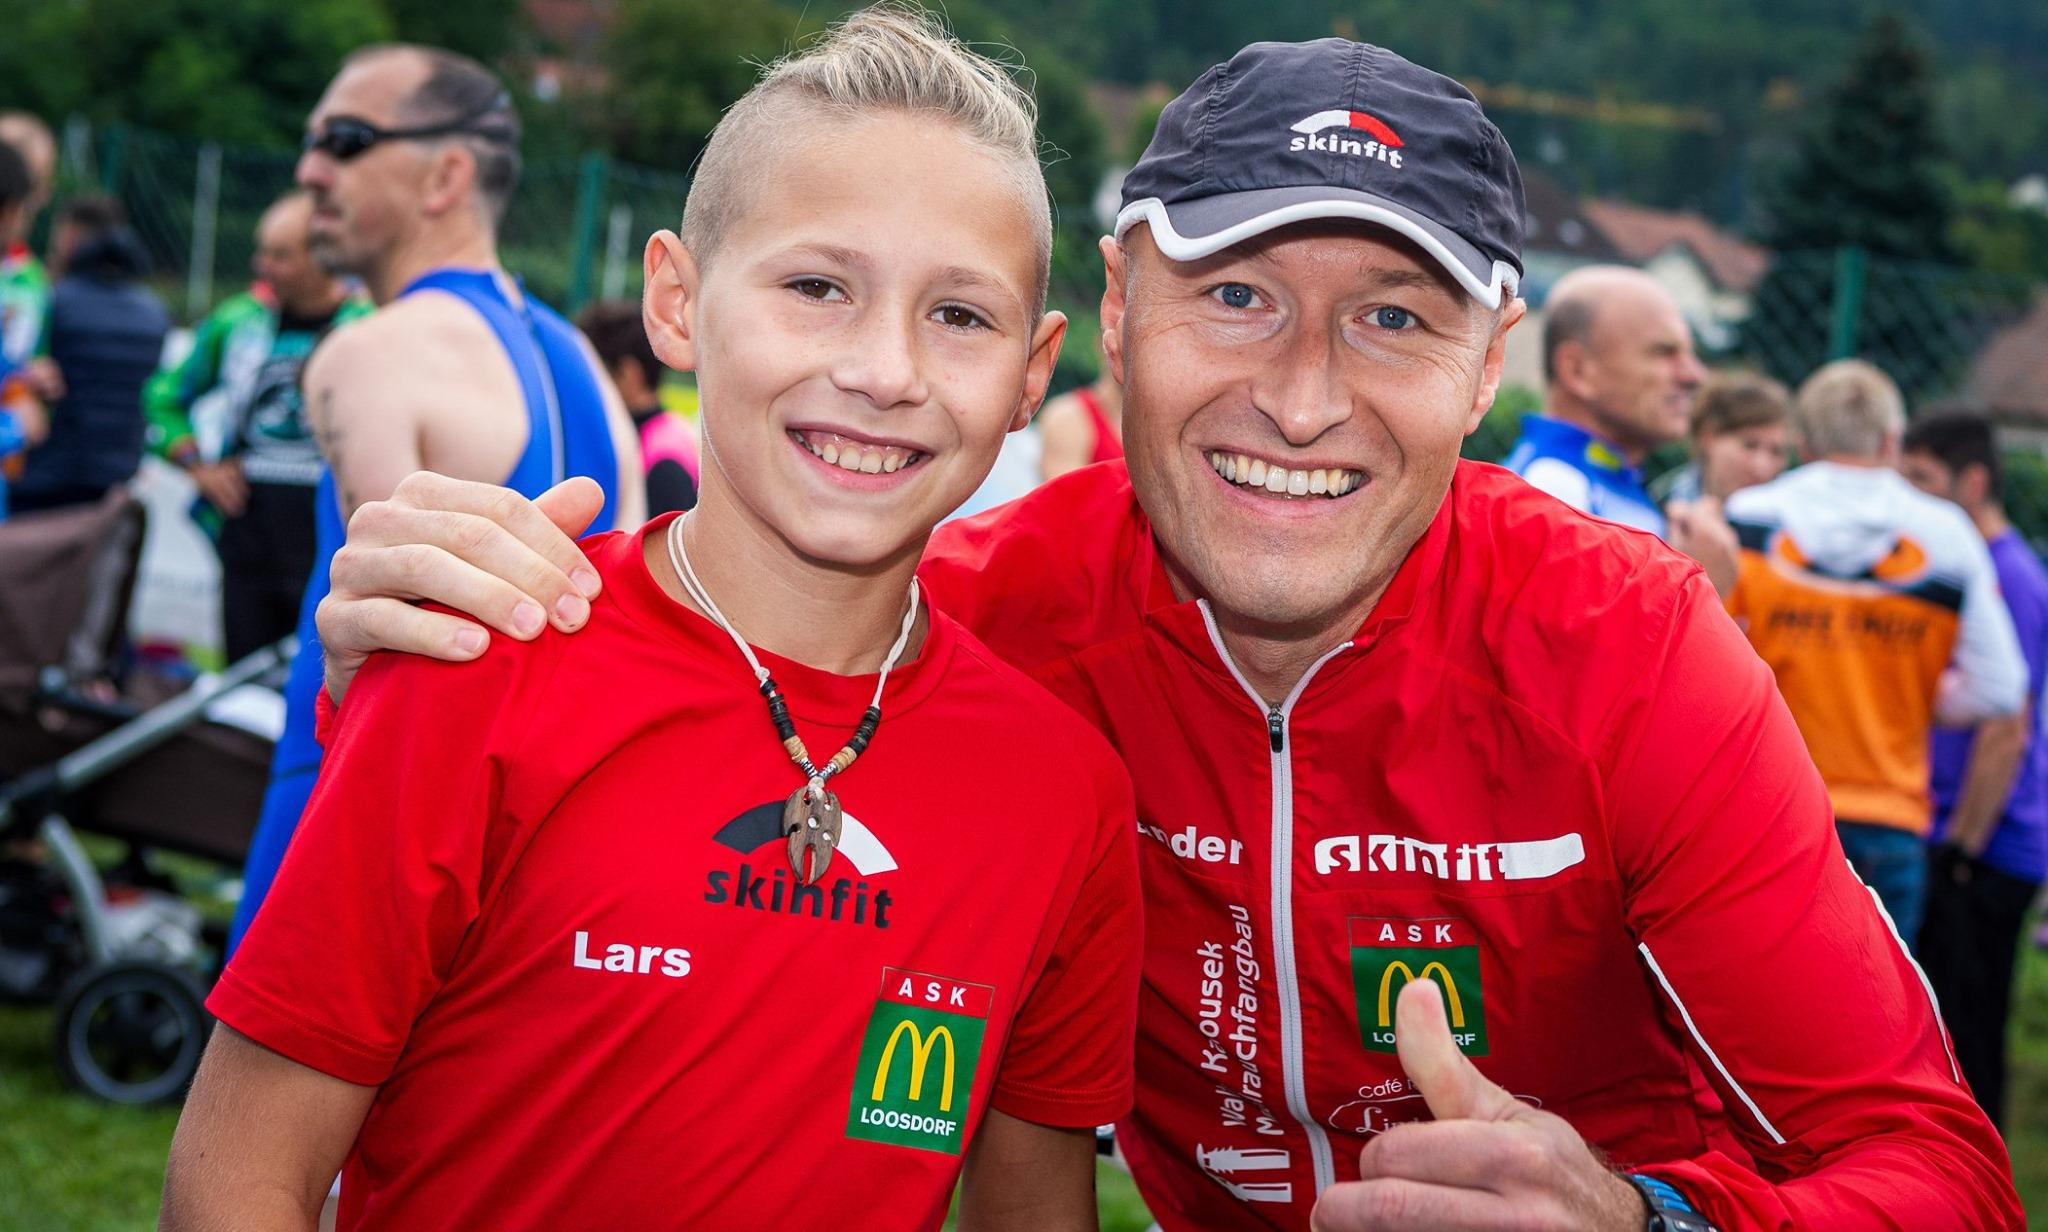 Lars, der jüngste Teilnehmer bei den Einzelstartern